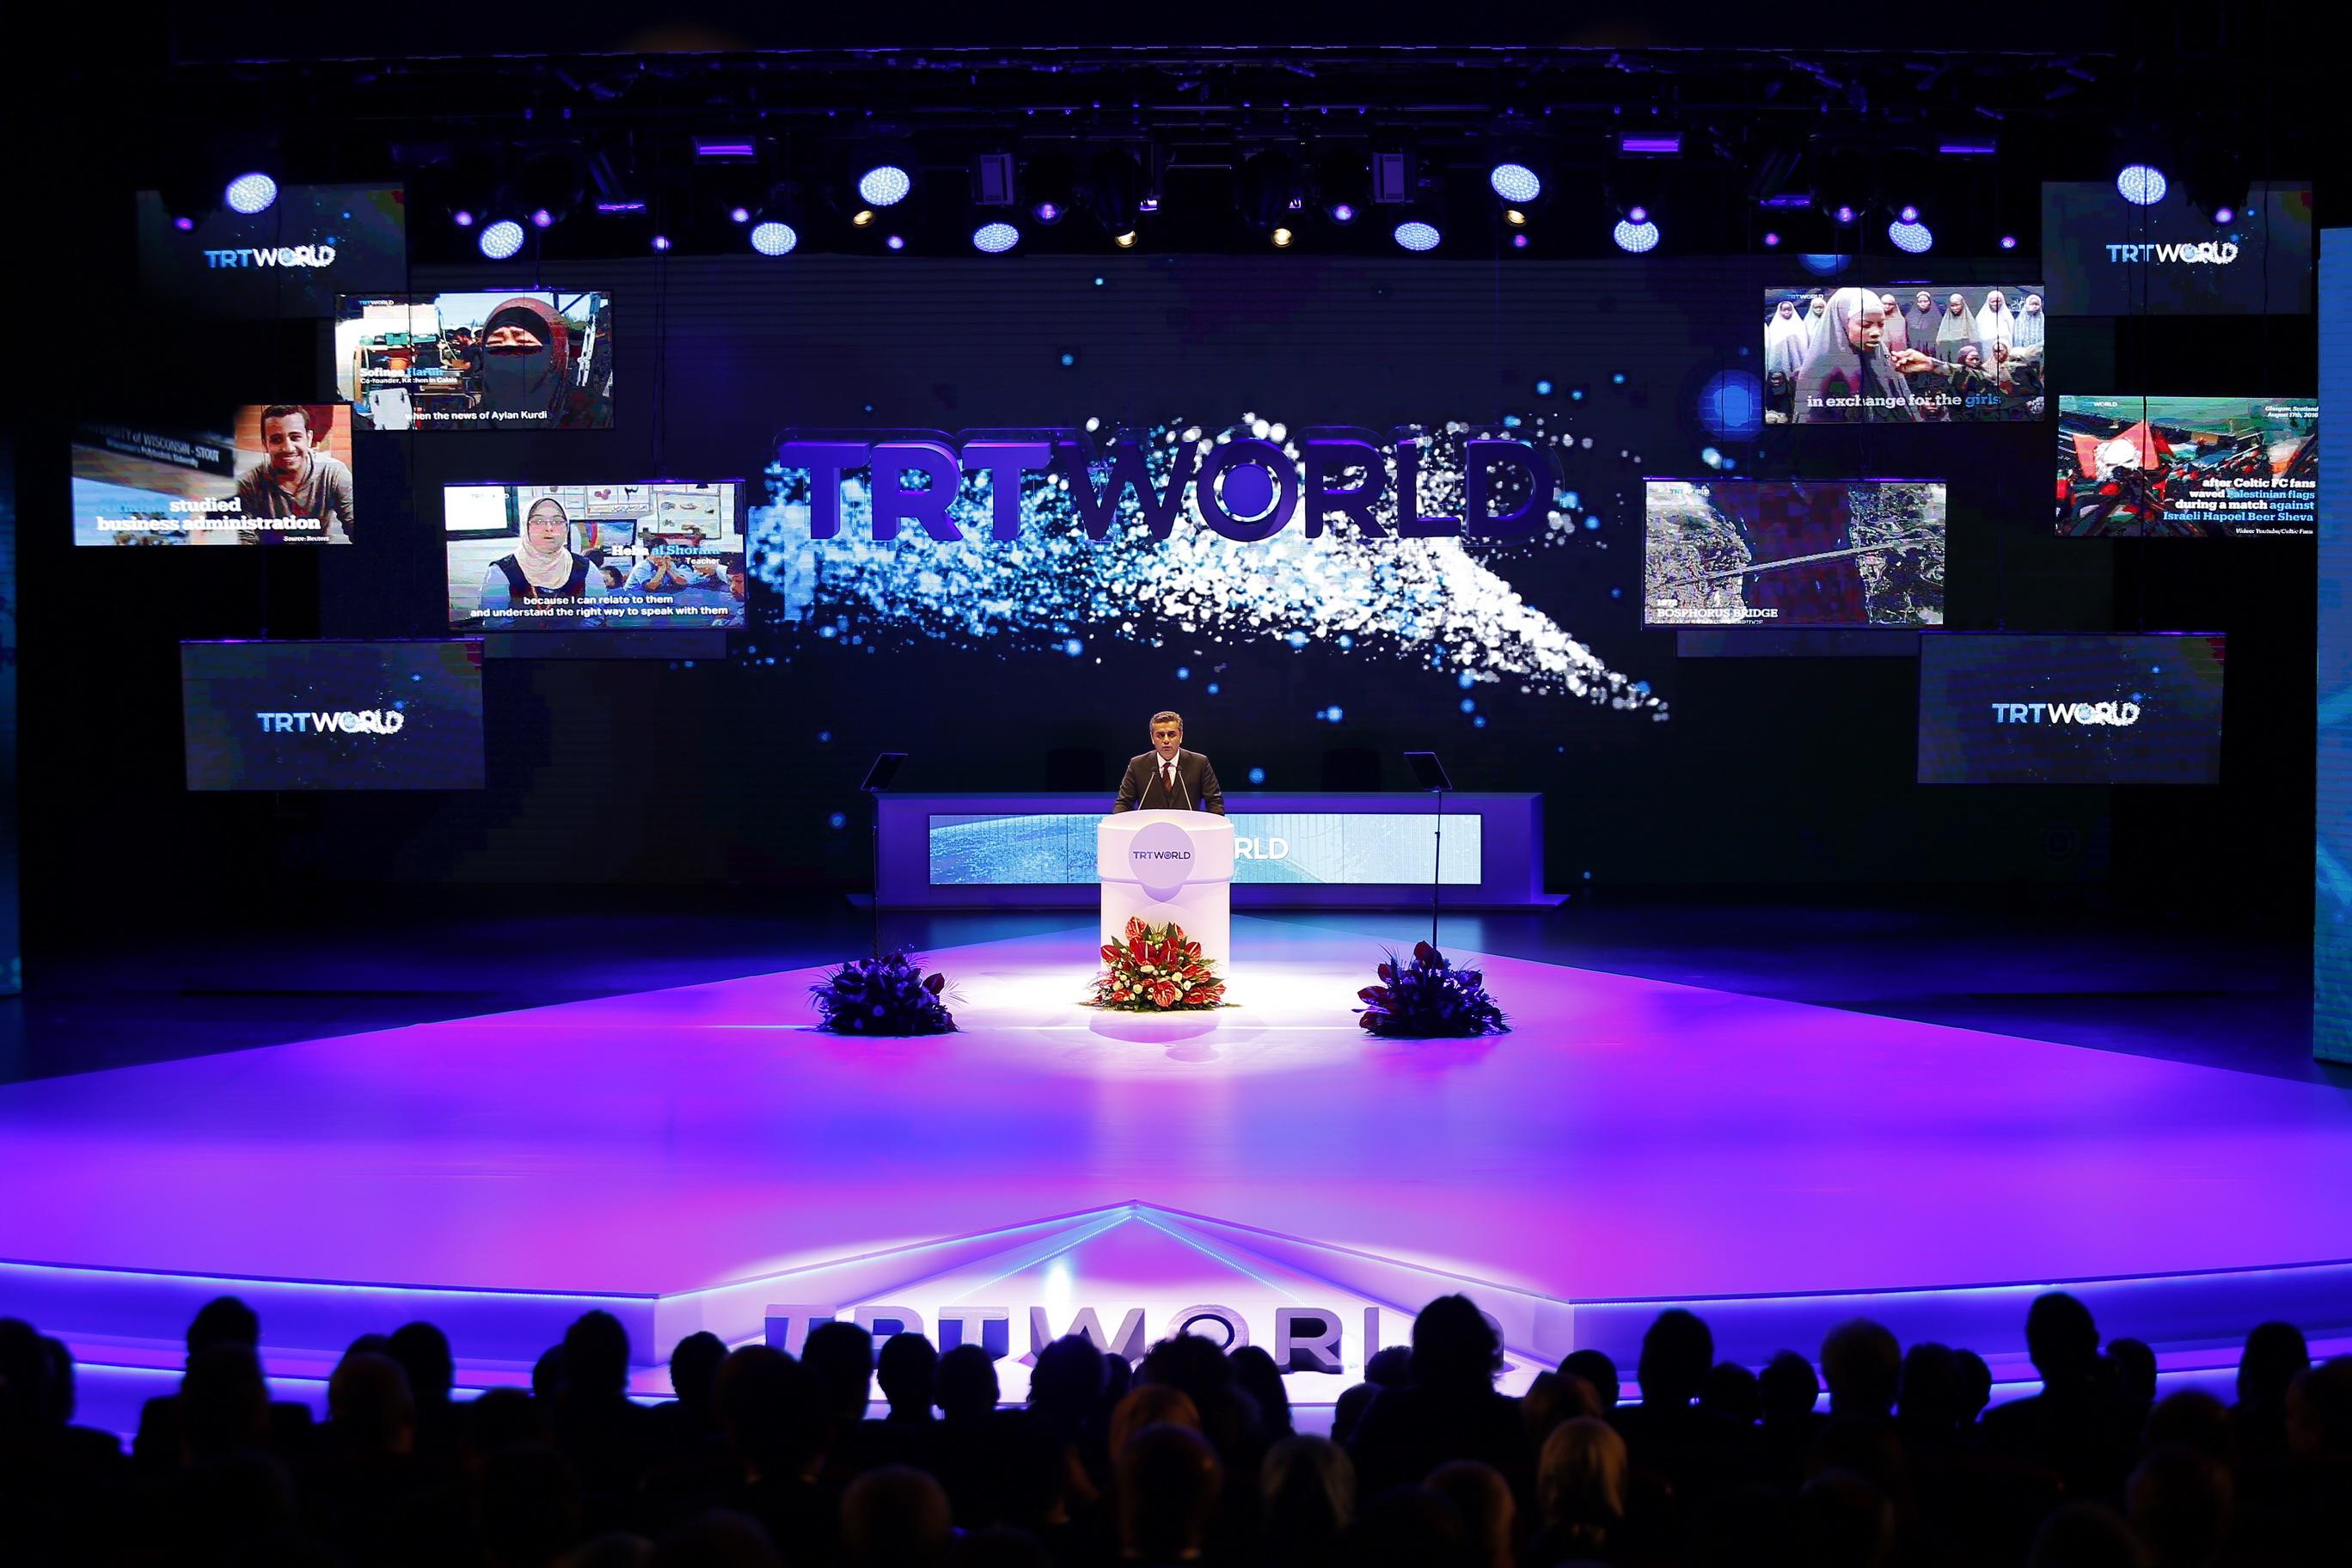 TRT World Tanıtım Gecesi'nde Neler Yapıldı?